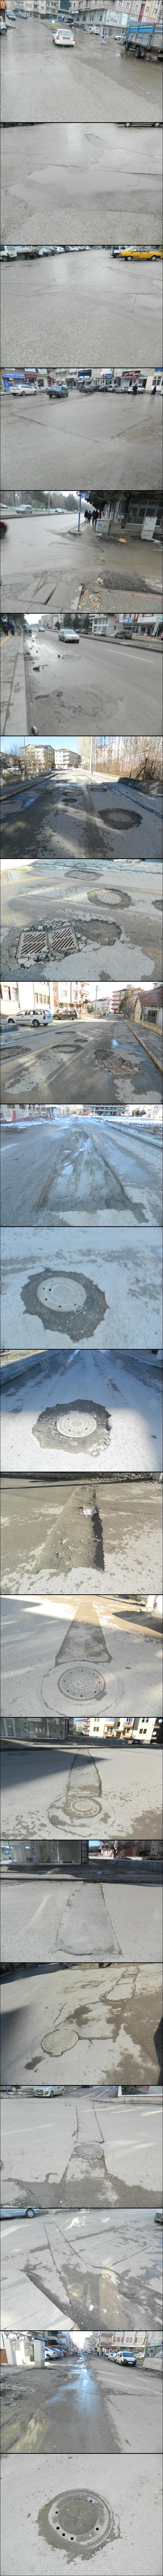 asfalt4-vert.jpg